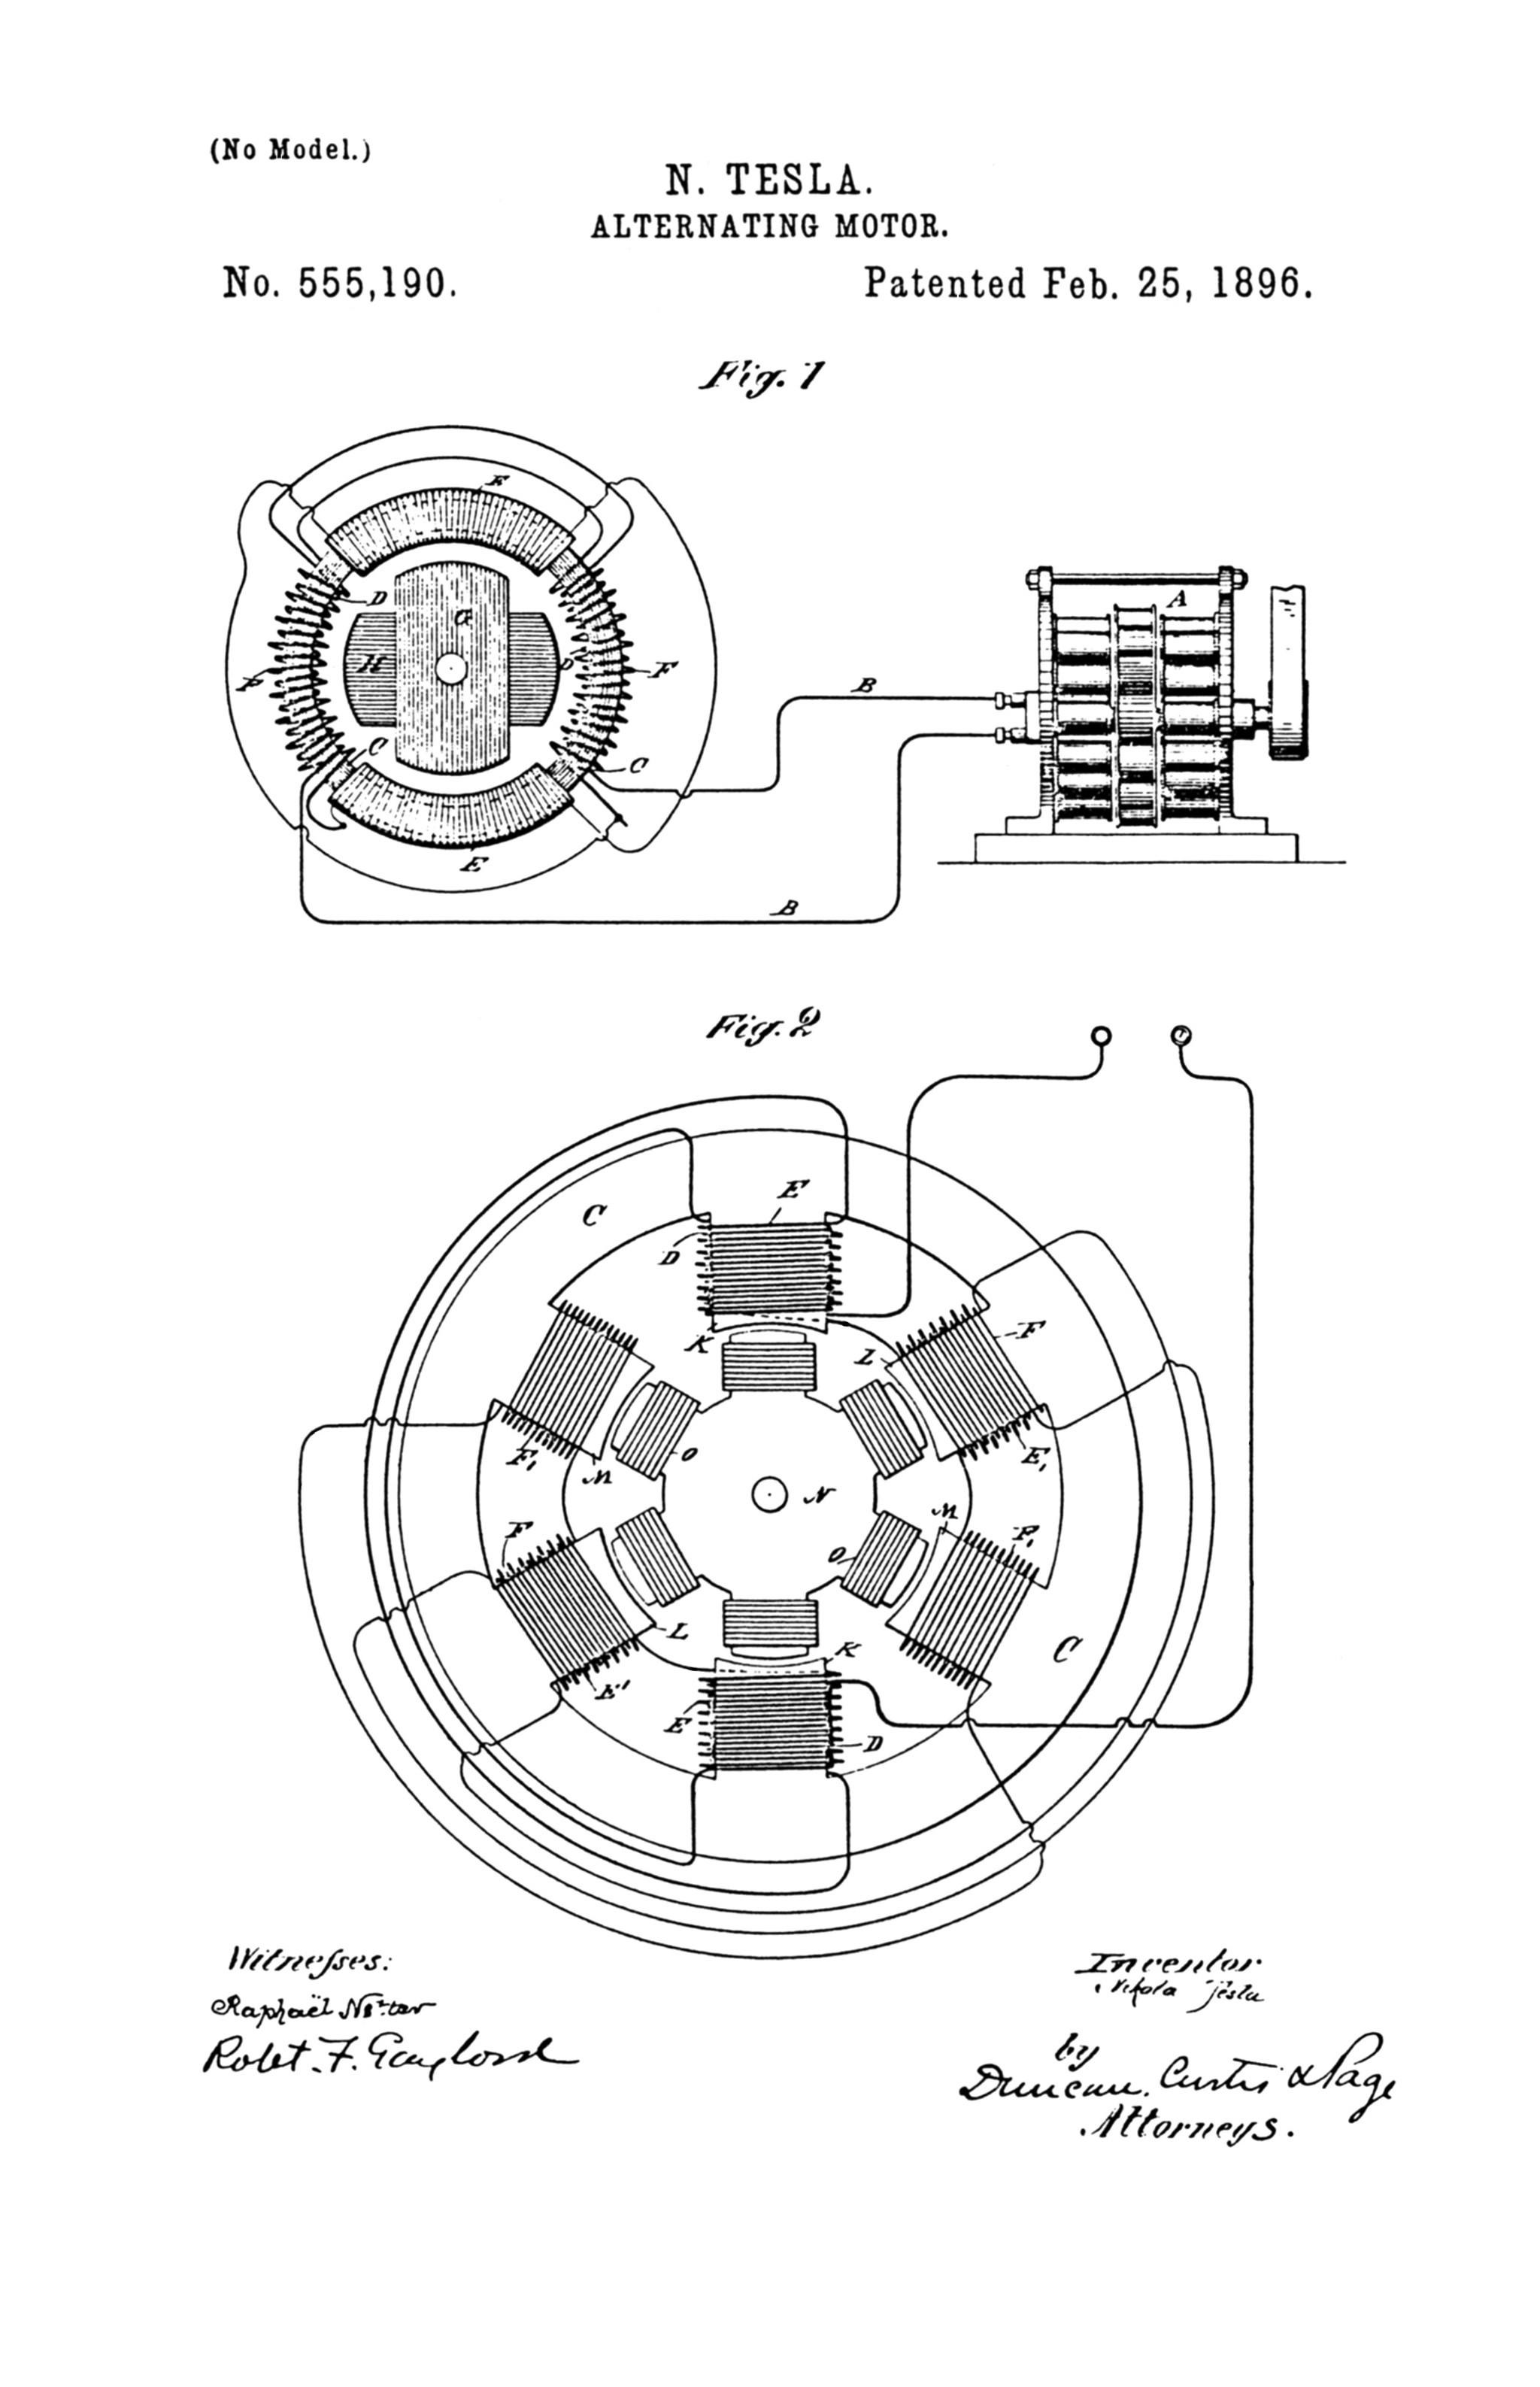 2048x3174 Nikola Tesla U.s. Patent 555,190